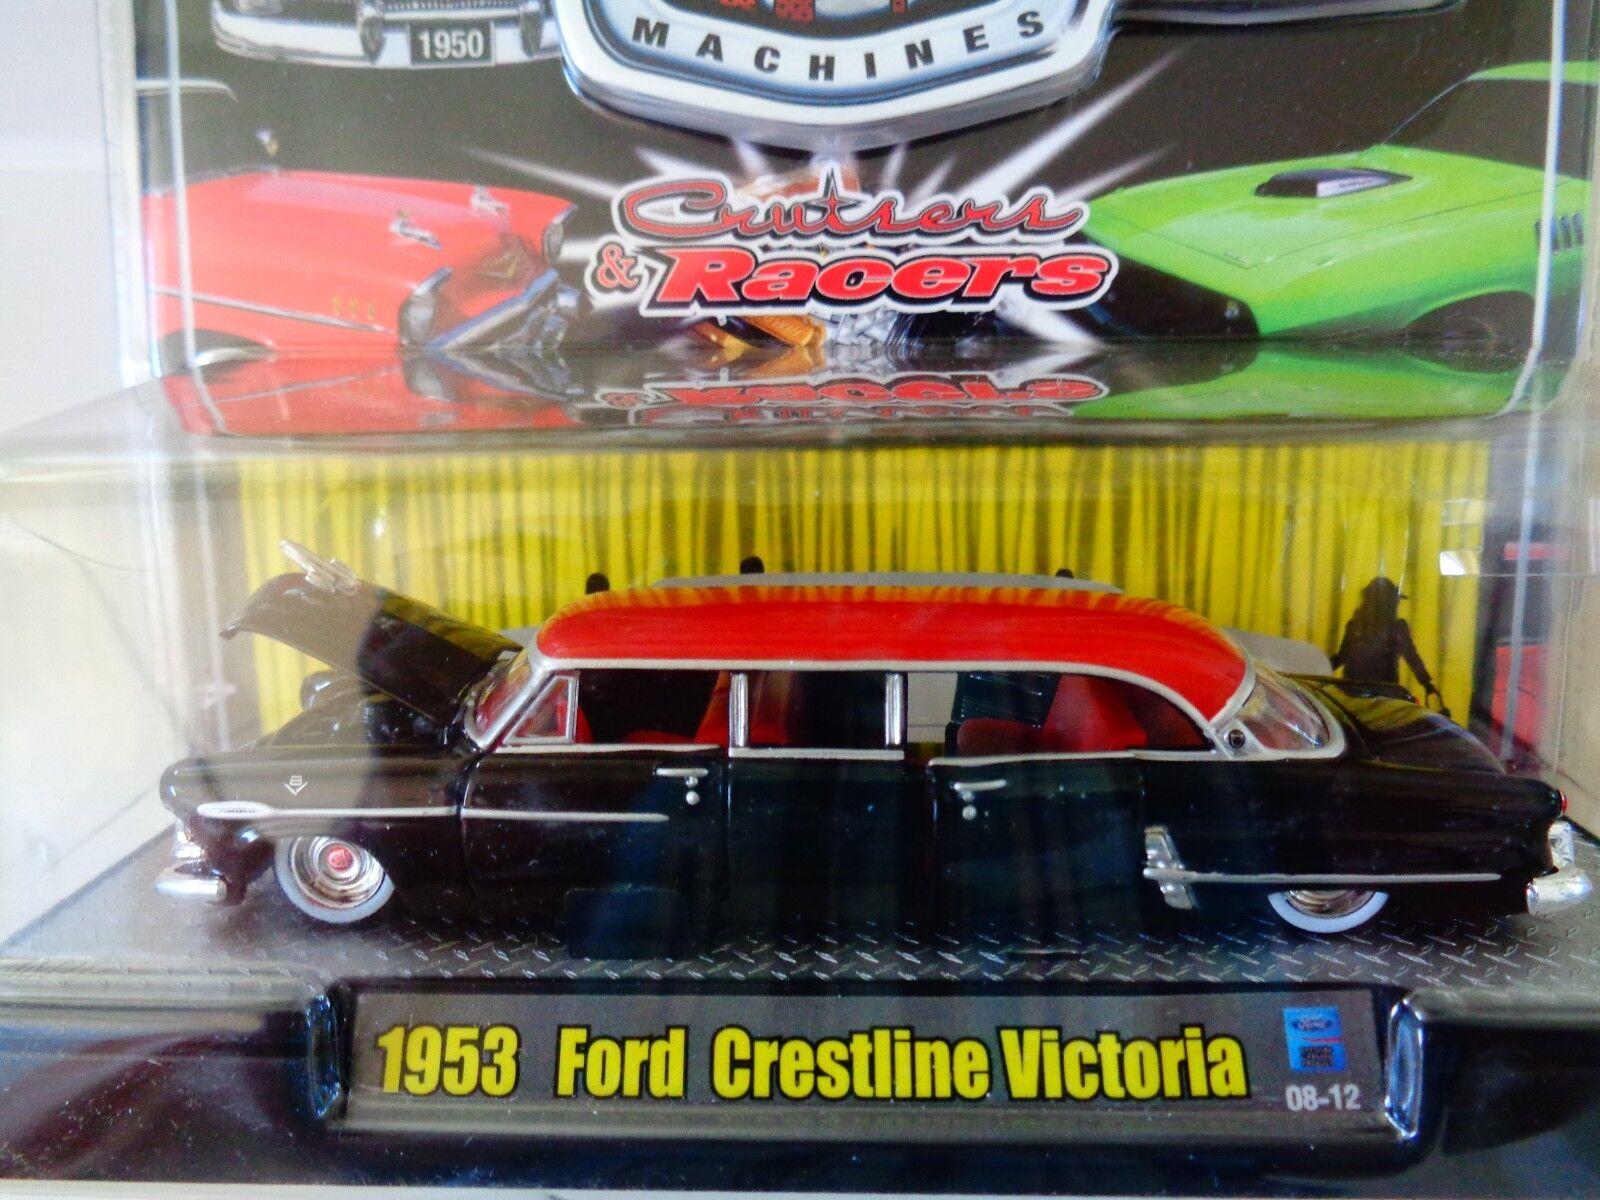 M2 - stretch - 1953) victoria von ford war victoria 1953) - release 2 - 1 64 758241